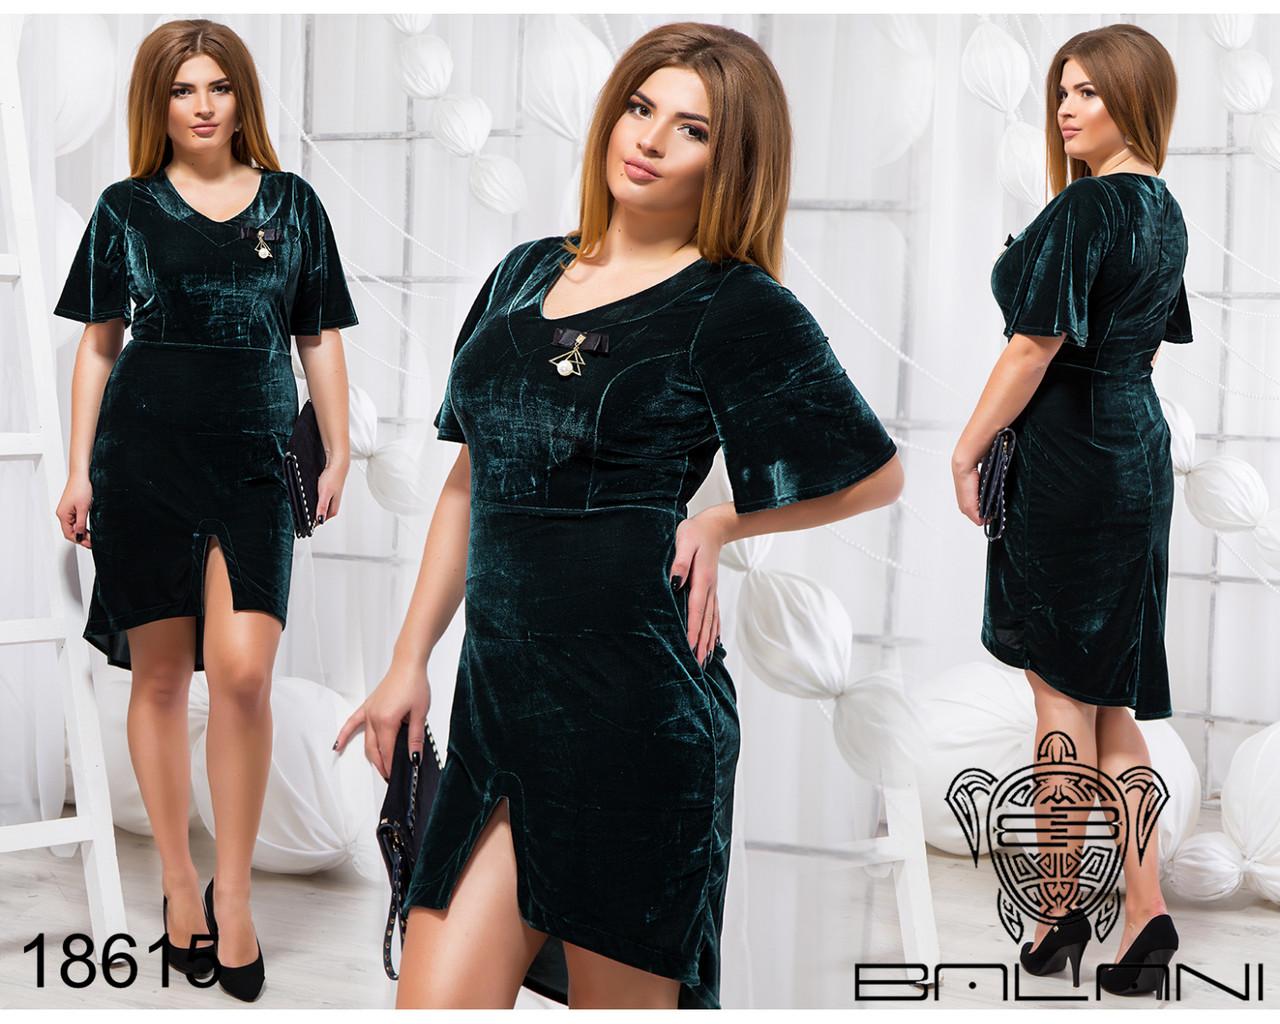 Стильное платье с брошью - 18615 Темно-зеленое/48